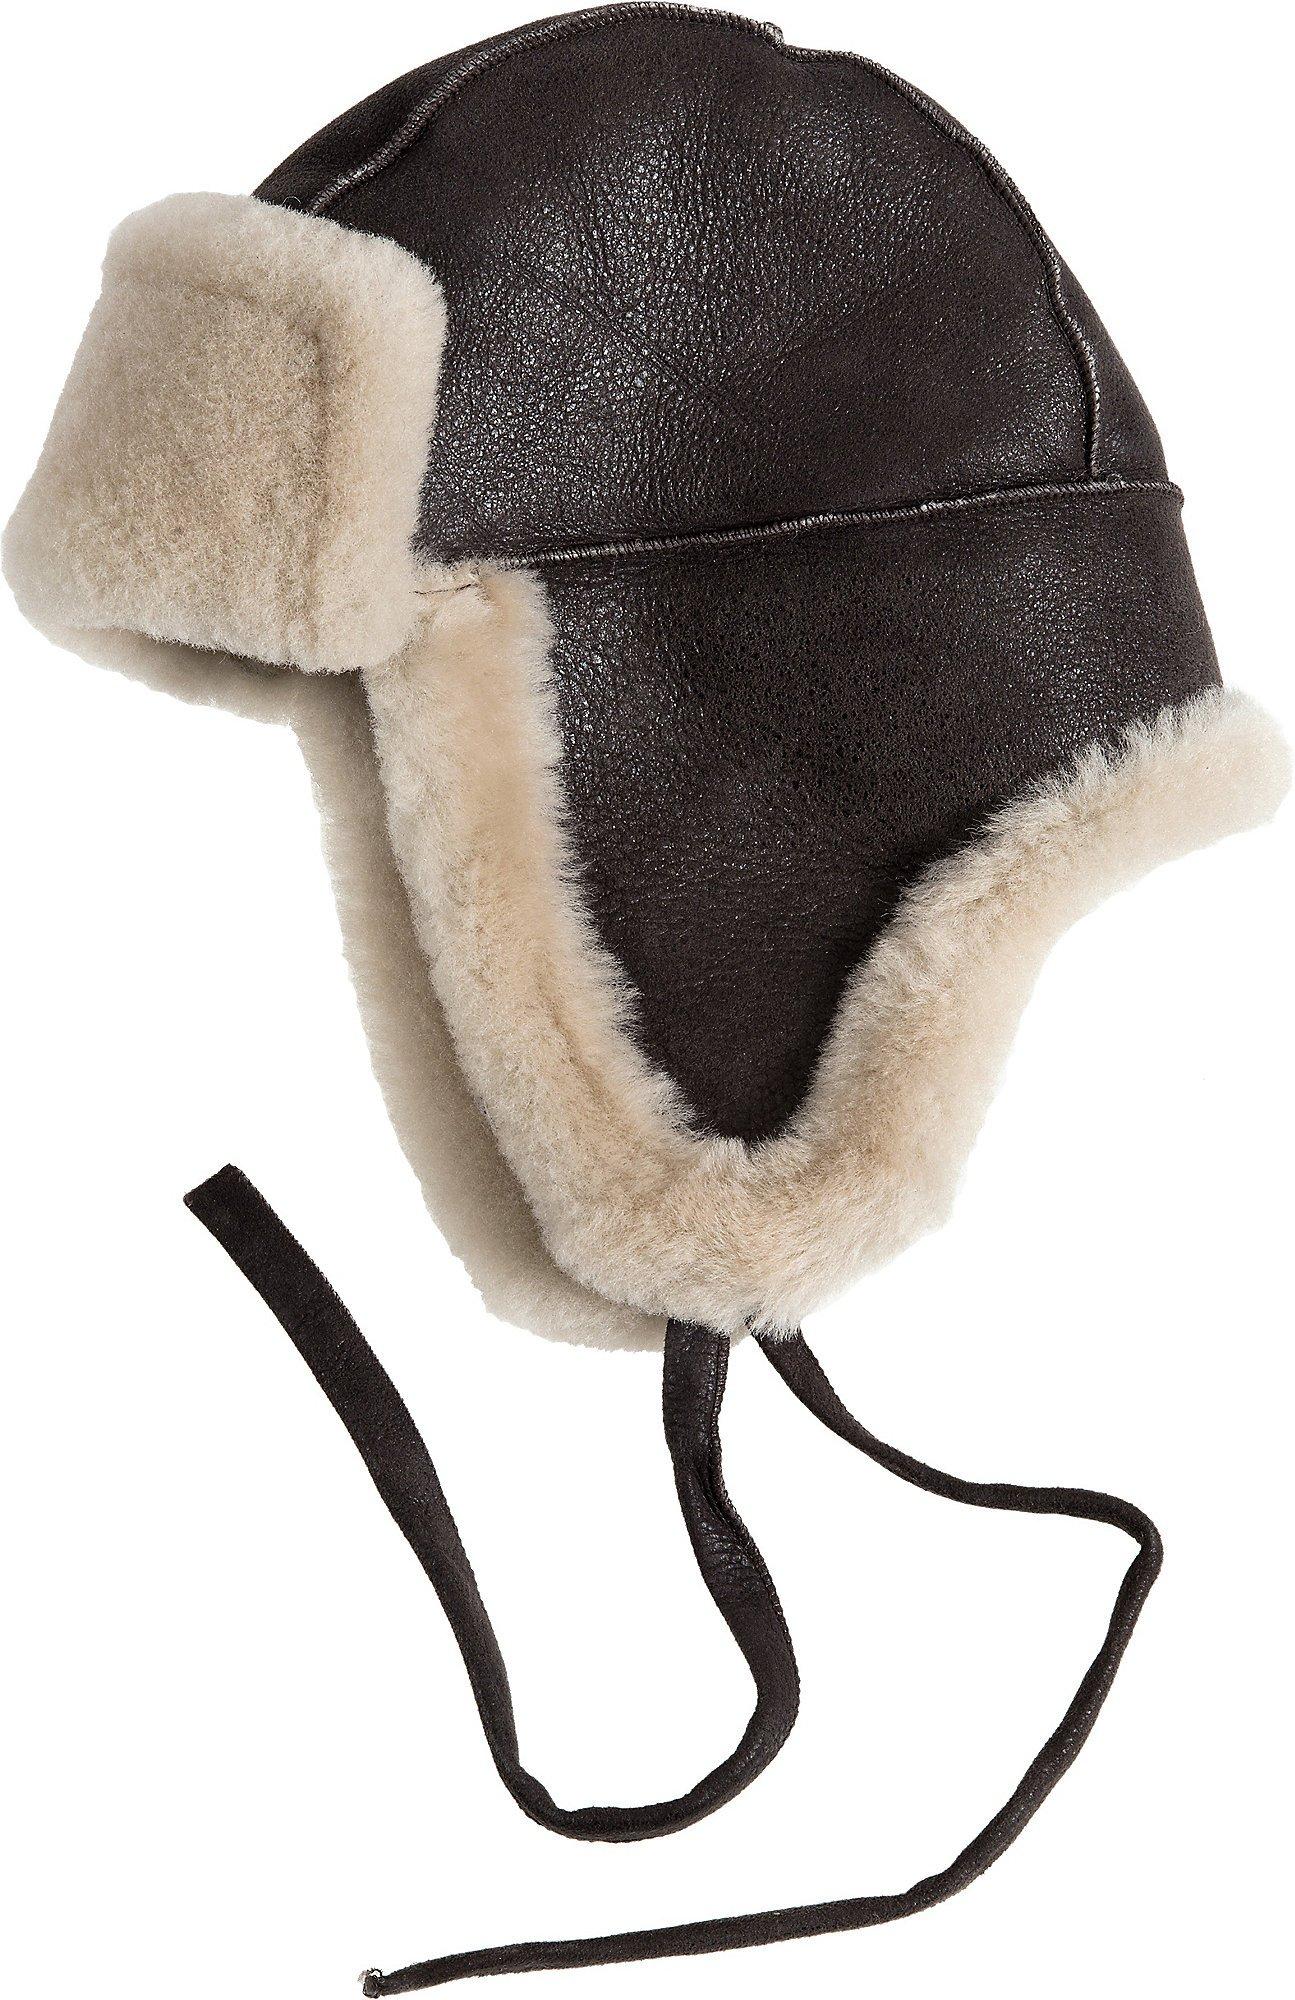 Overland Sheepskin Co B-3 Sheepskin Aviator Hat